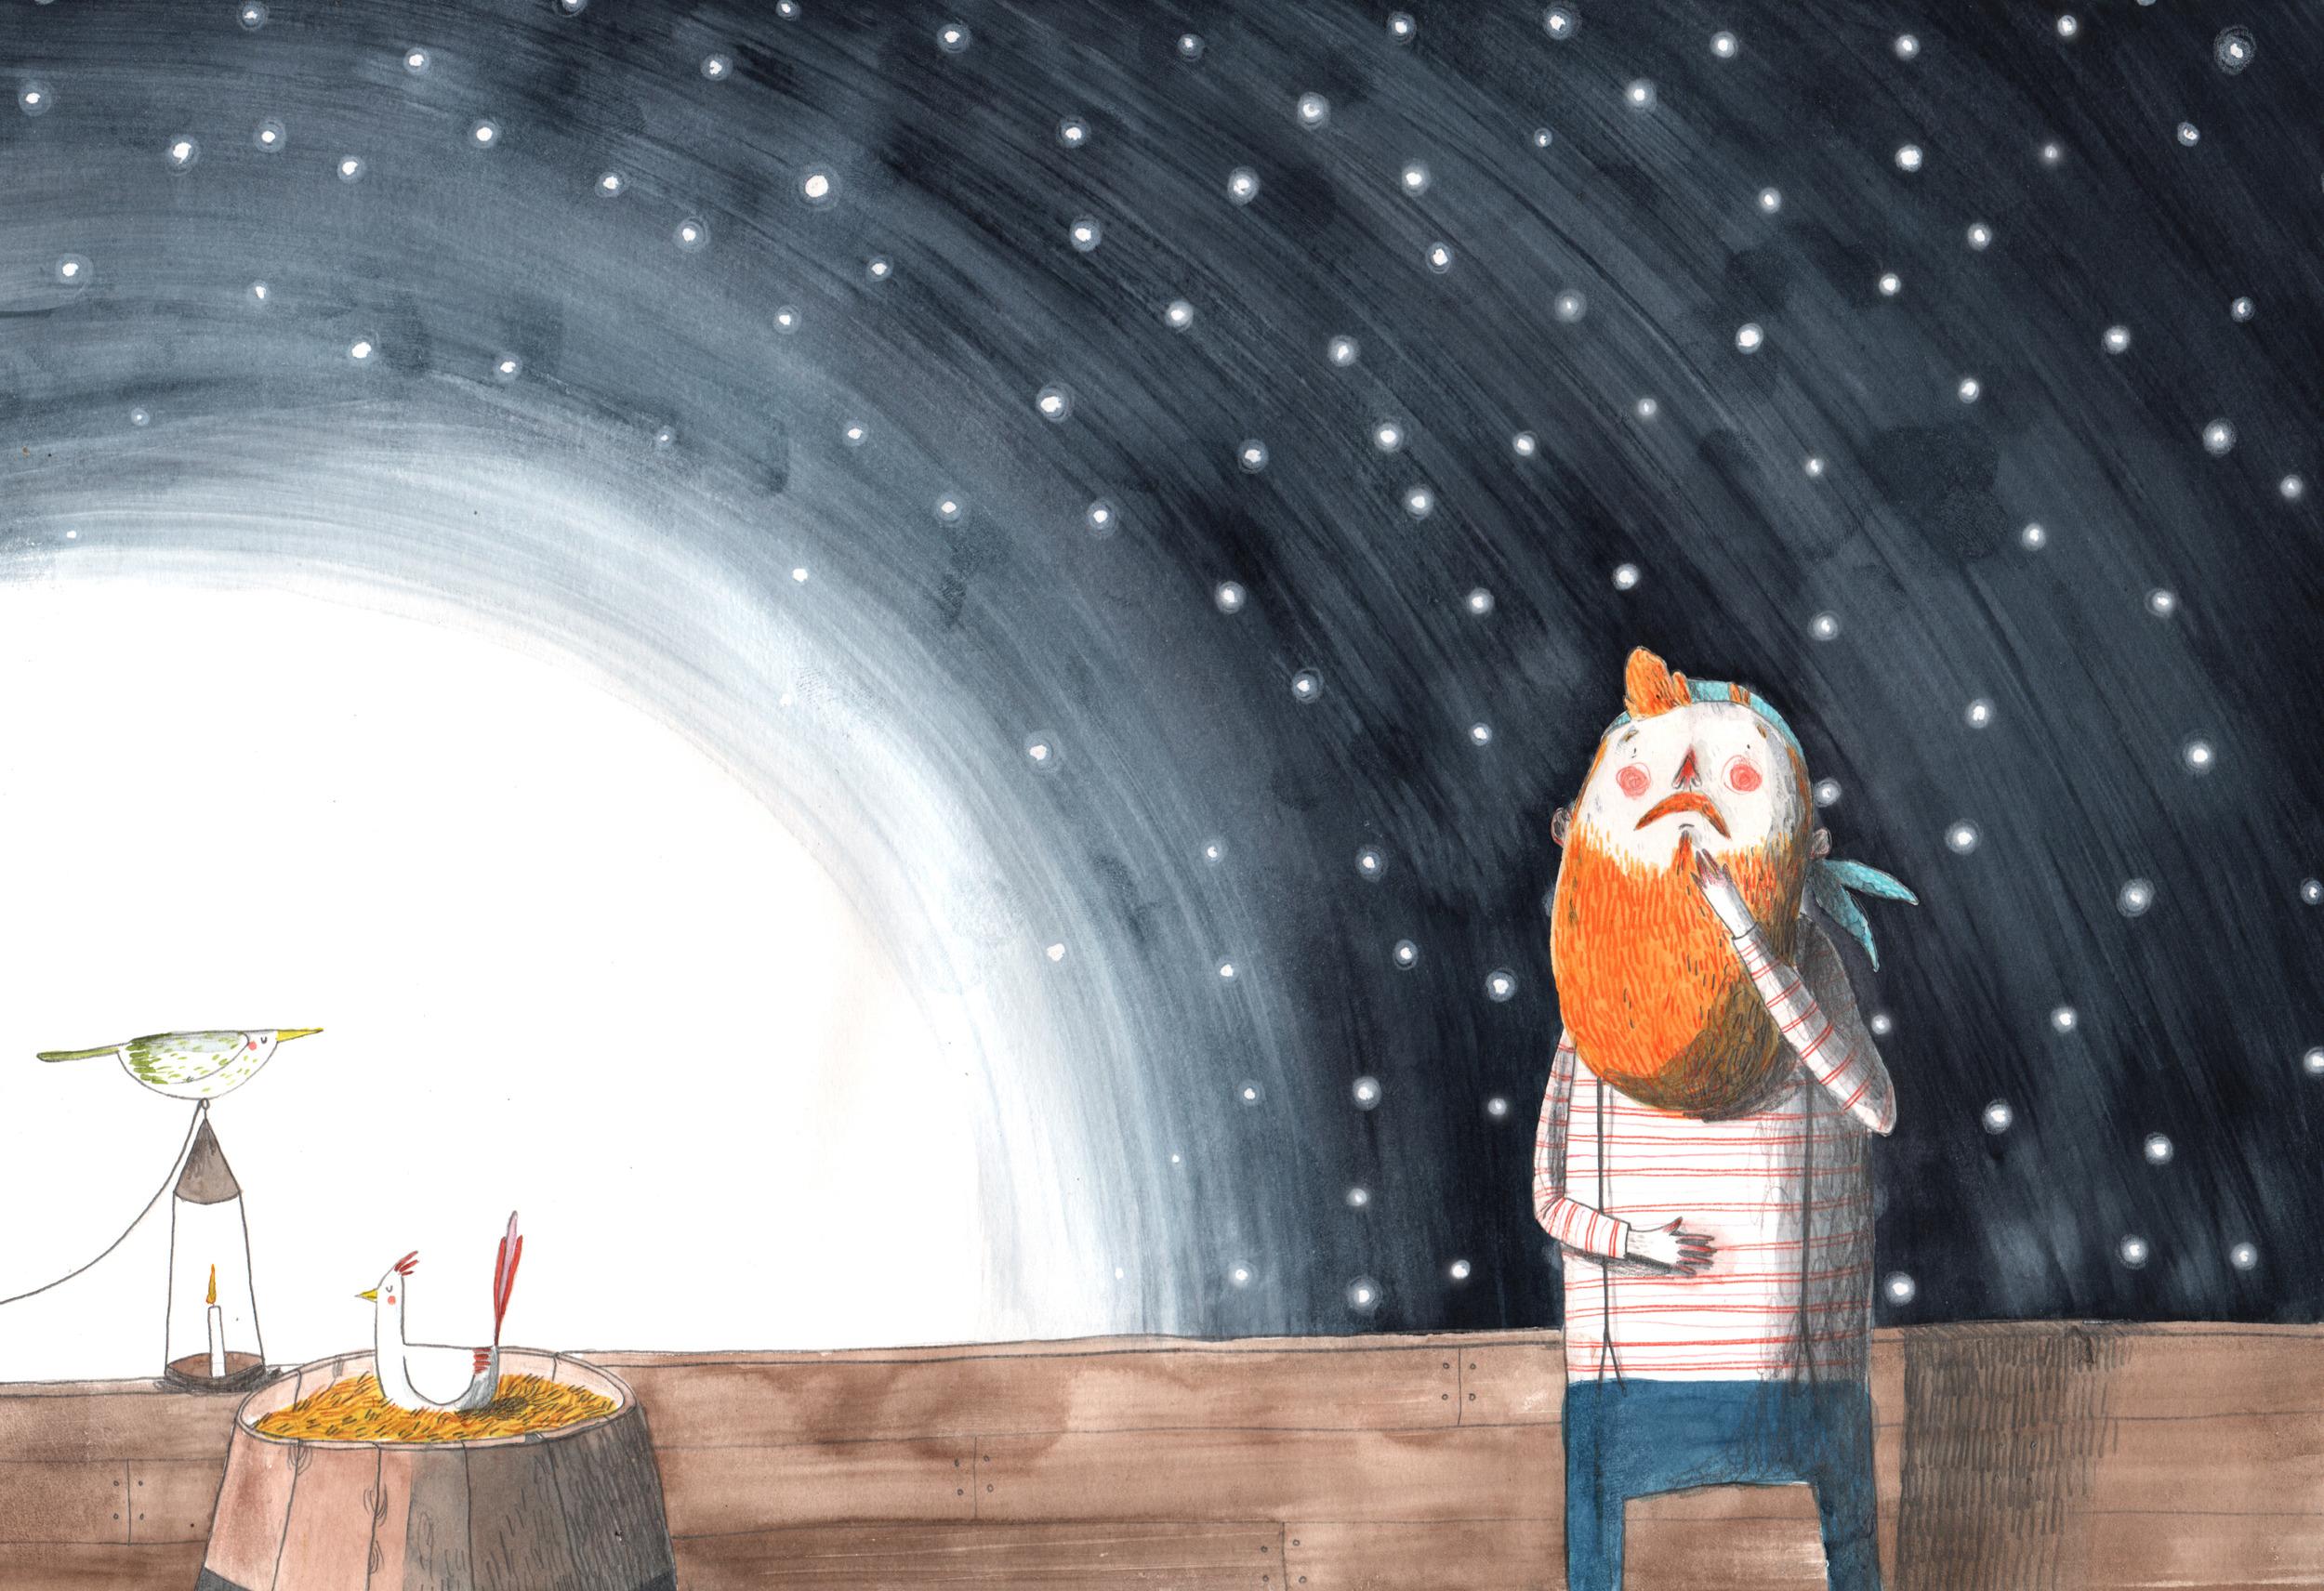 pirata mirant les estrelles.jpg